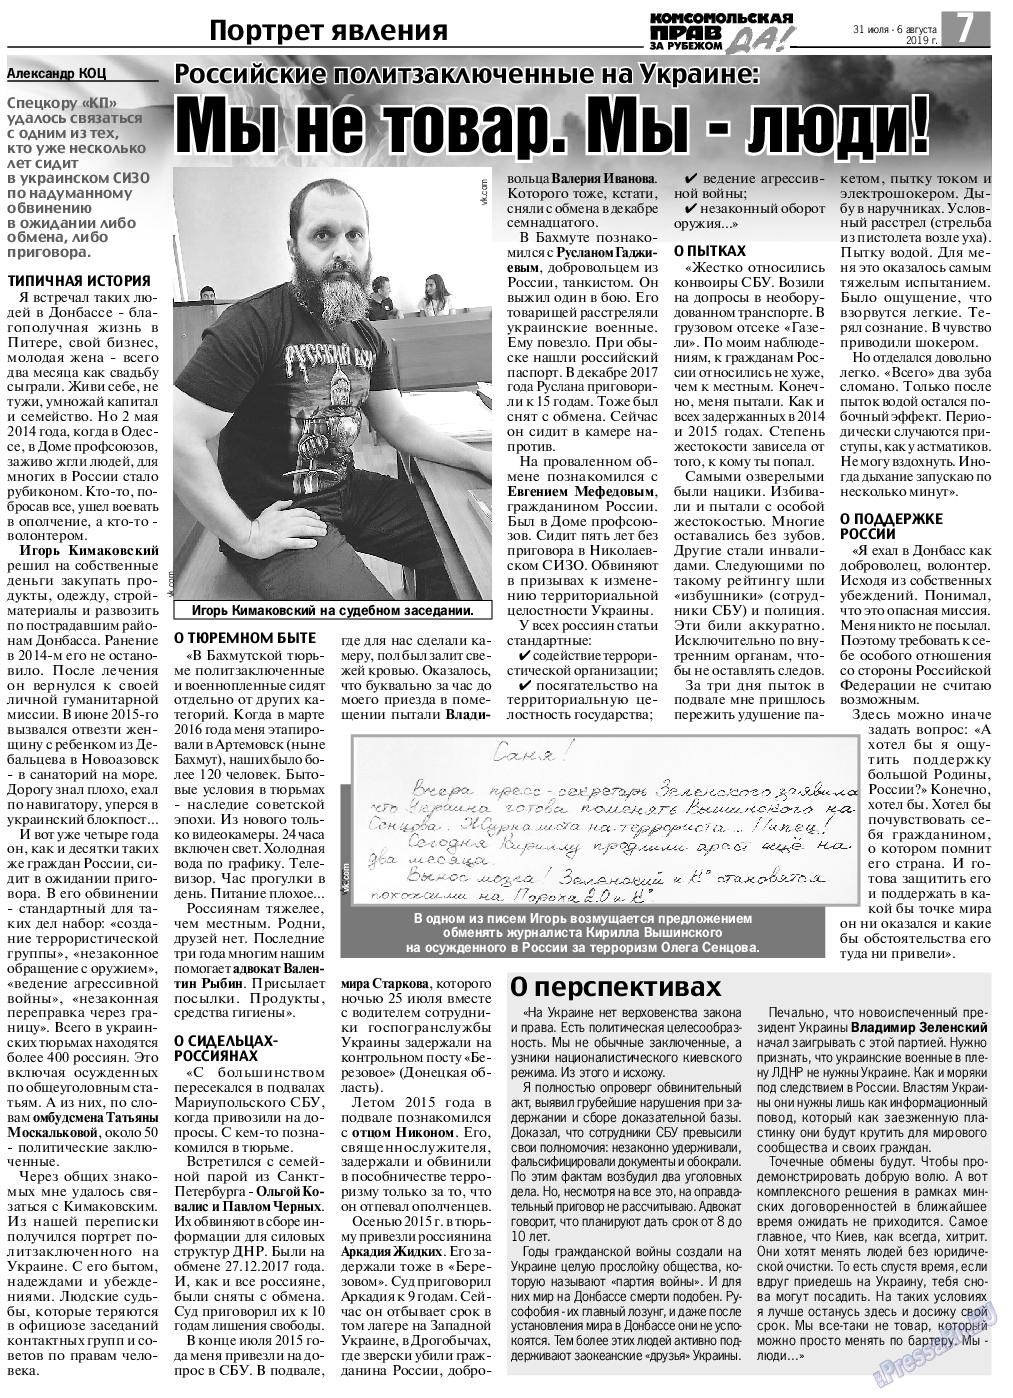 КП в Европе (газета). 2019 год, номер 31, стр. 7